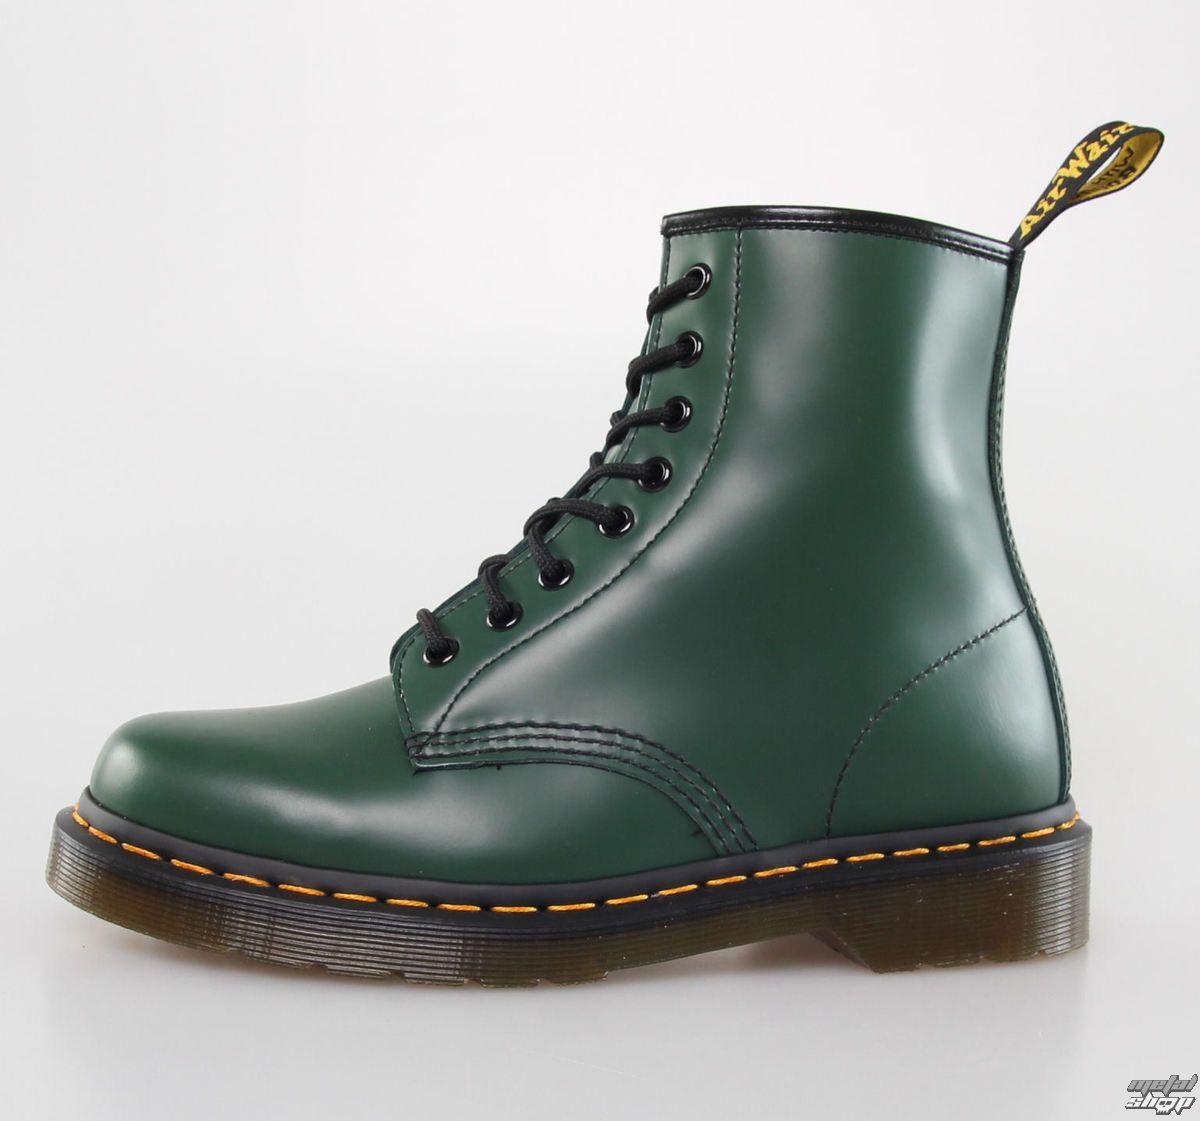 Stiefel Boots DR. MARTENS - 8 Loch - 1460